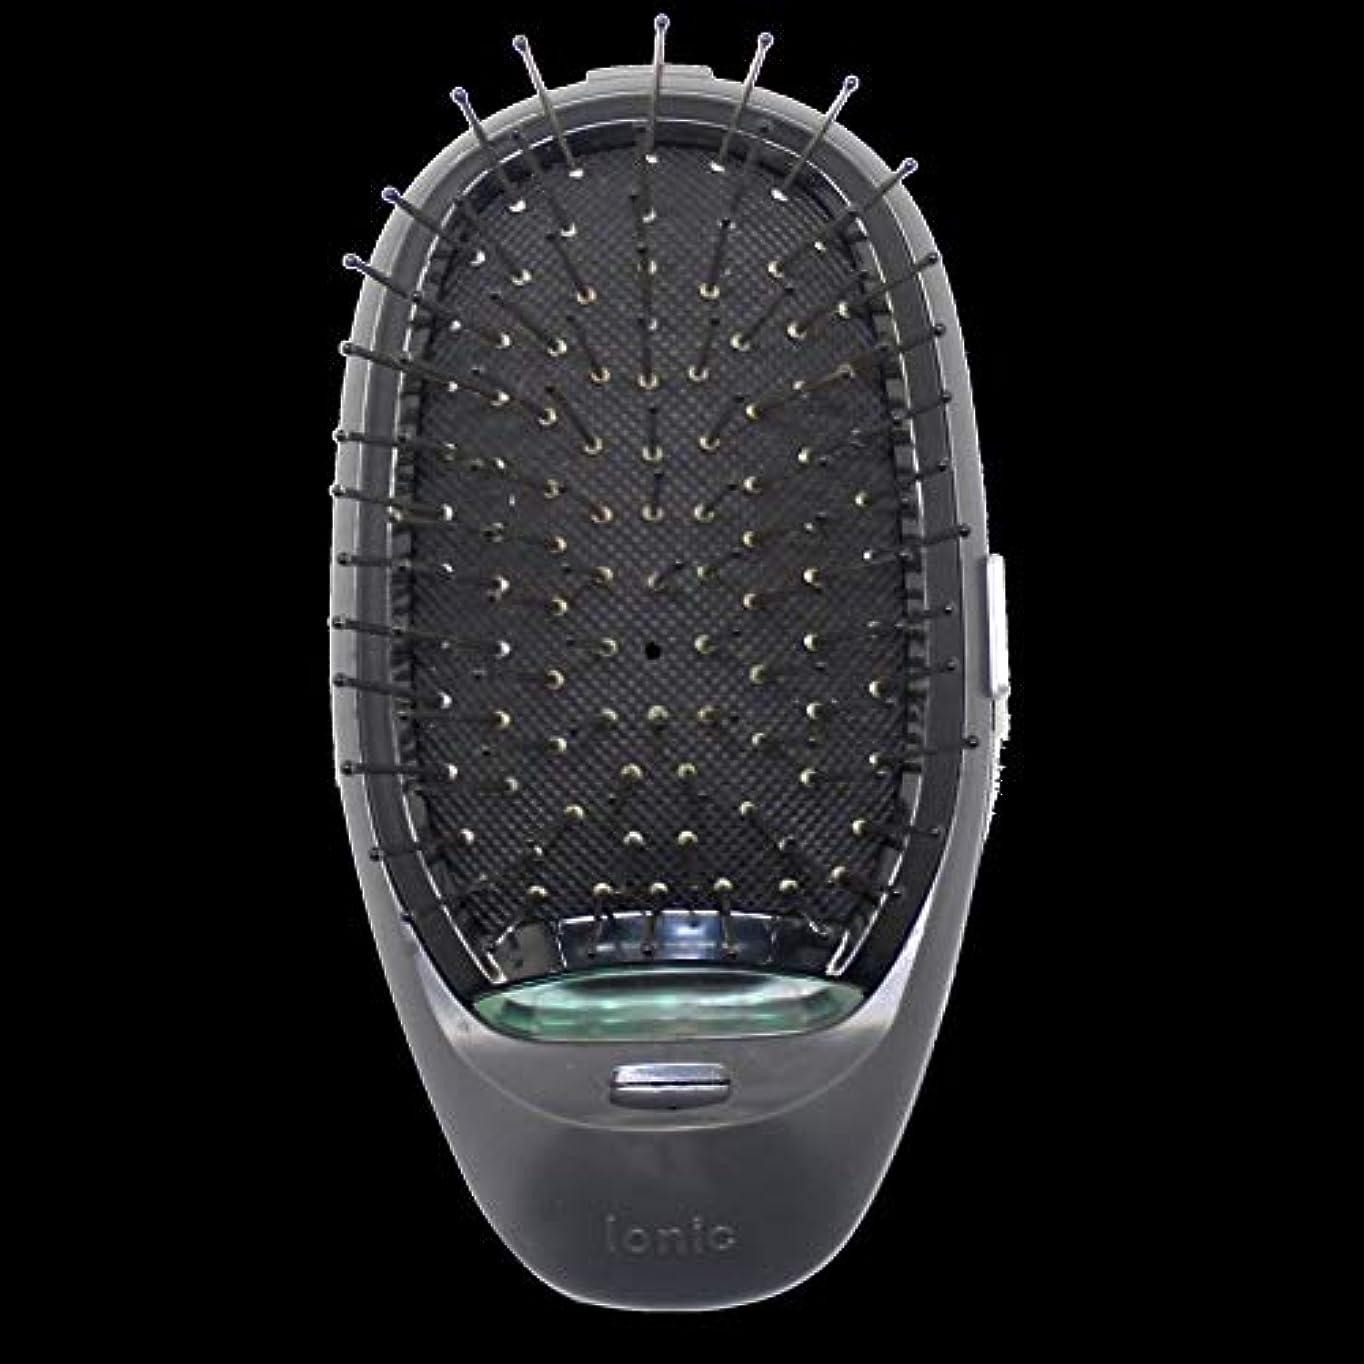 凍った電話に出る情熱電動マッサージヘアブラシミニマイナスイオンヘアコム3Dインフレータブルコーム帯電防止ガールズヘアブラシ電池式 - ブラック